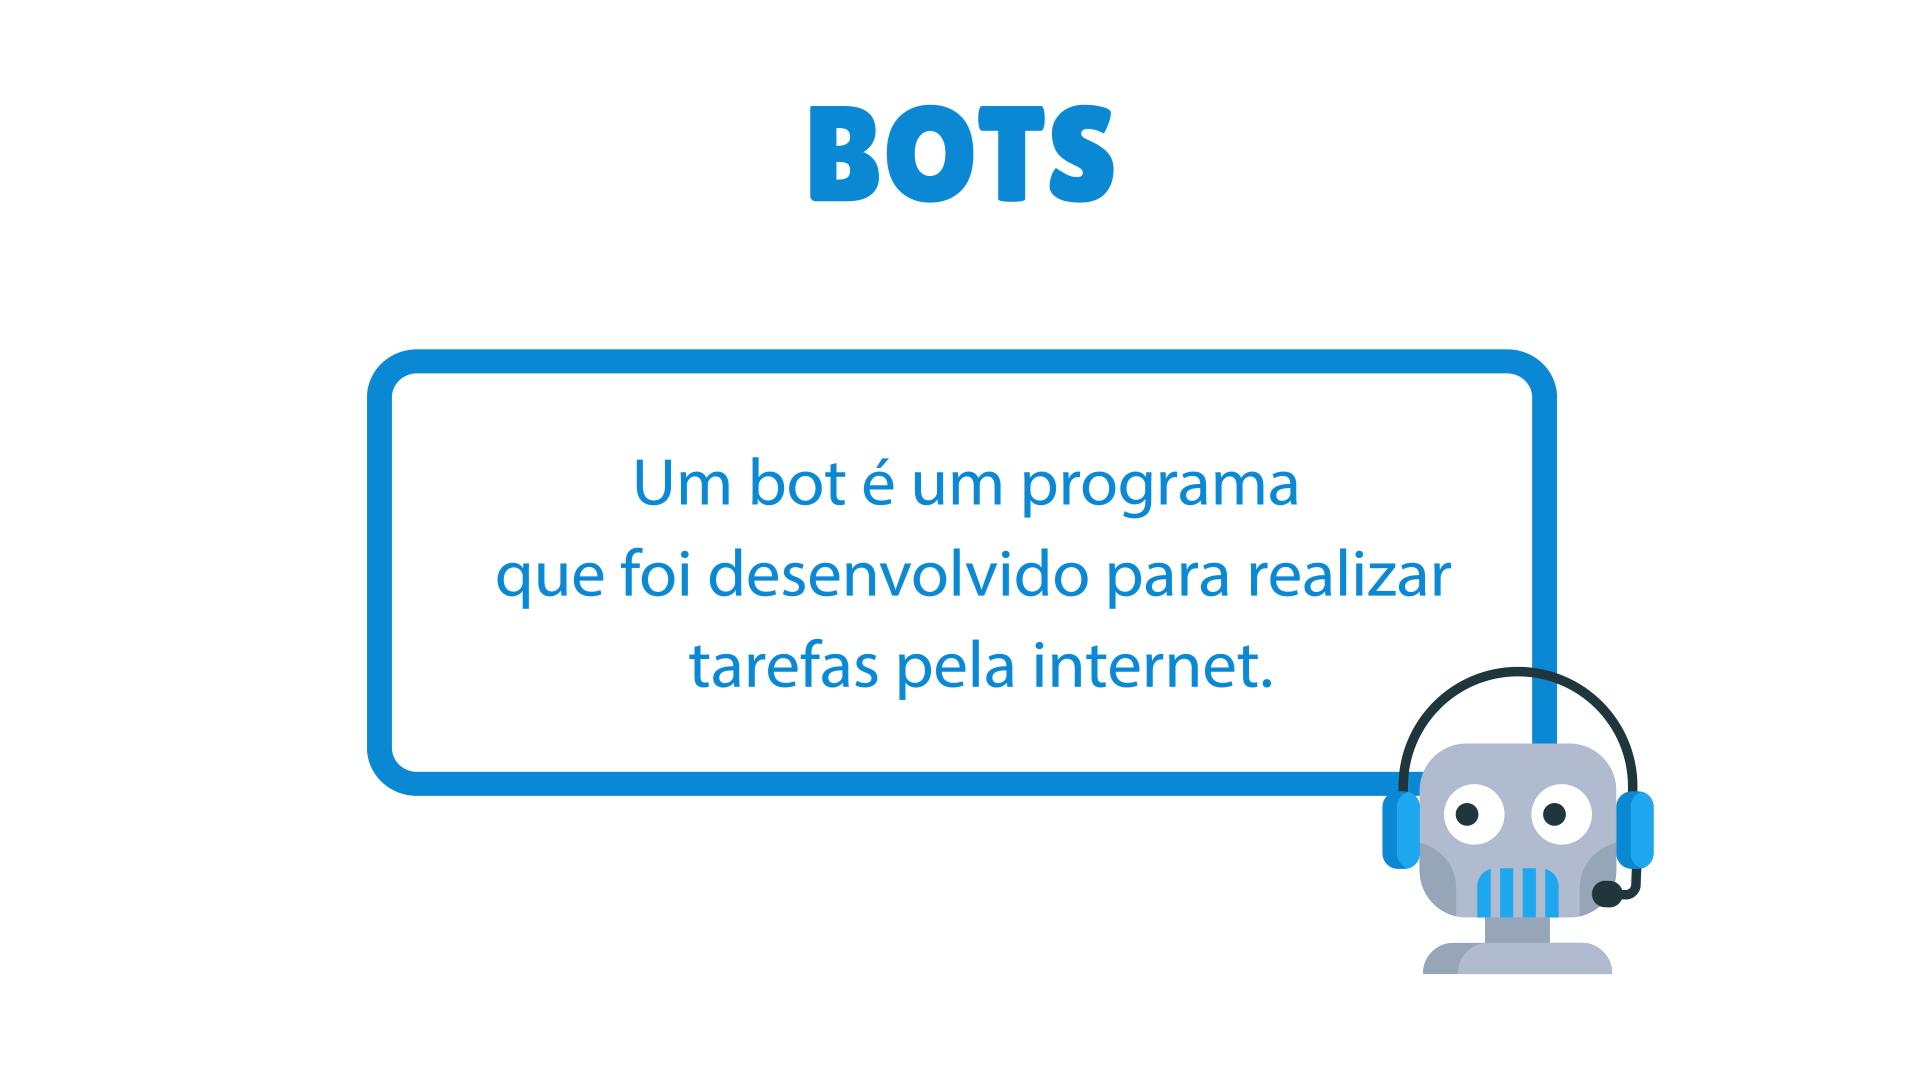 Whatsapp ou Telegram: o que são os bots